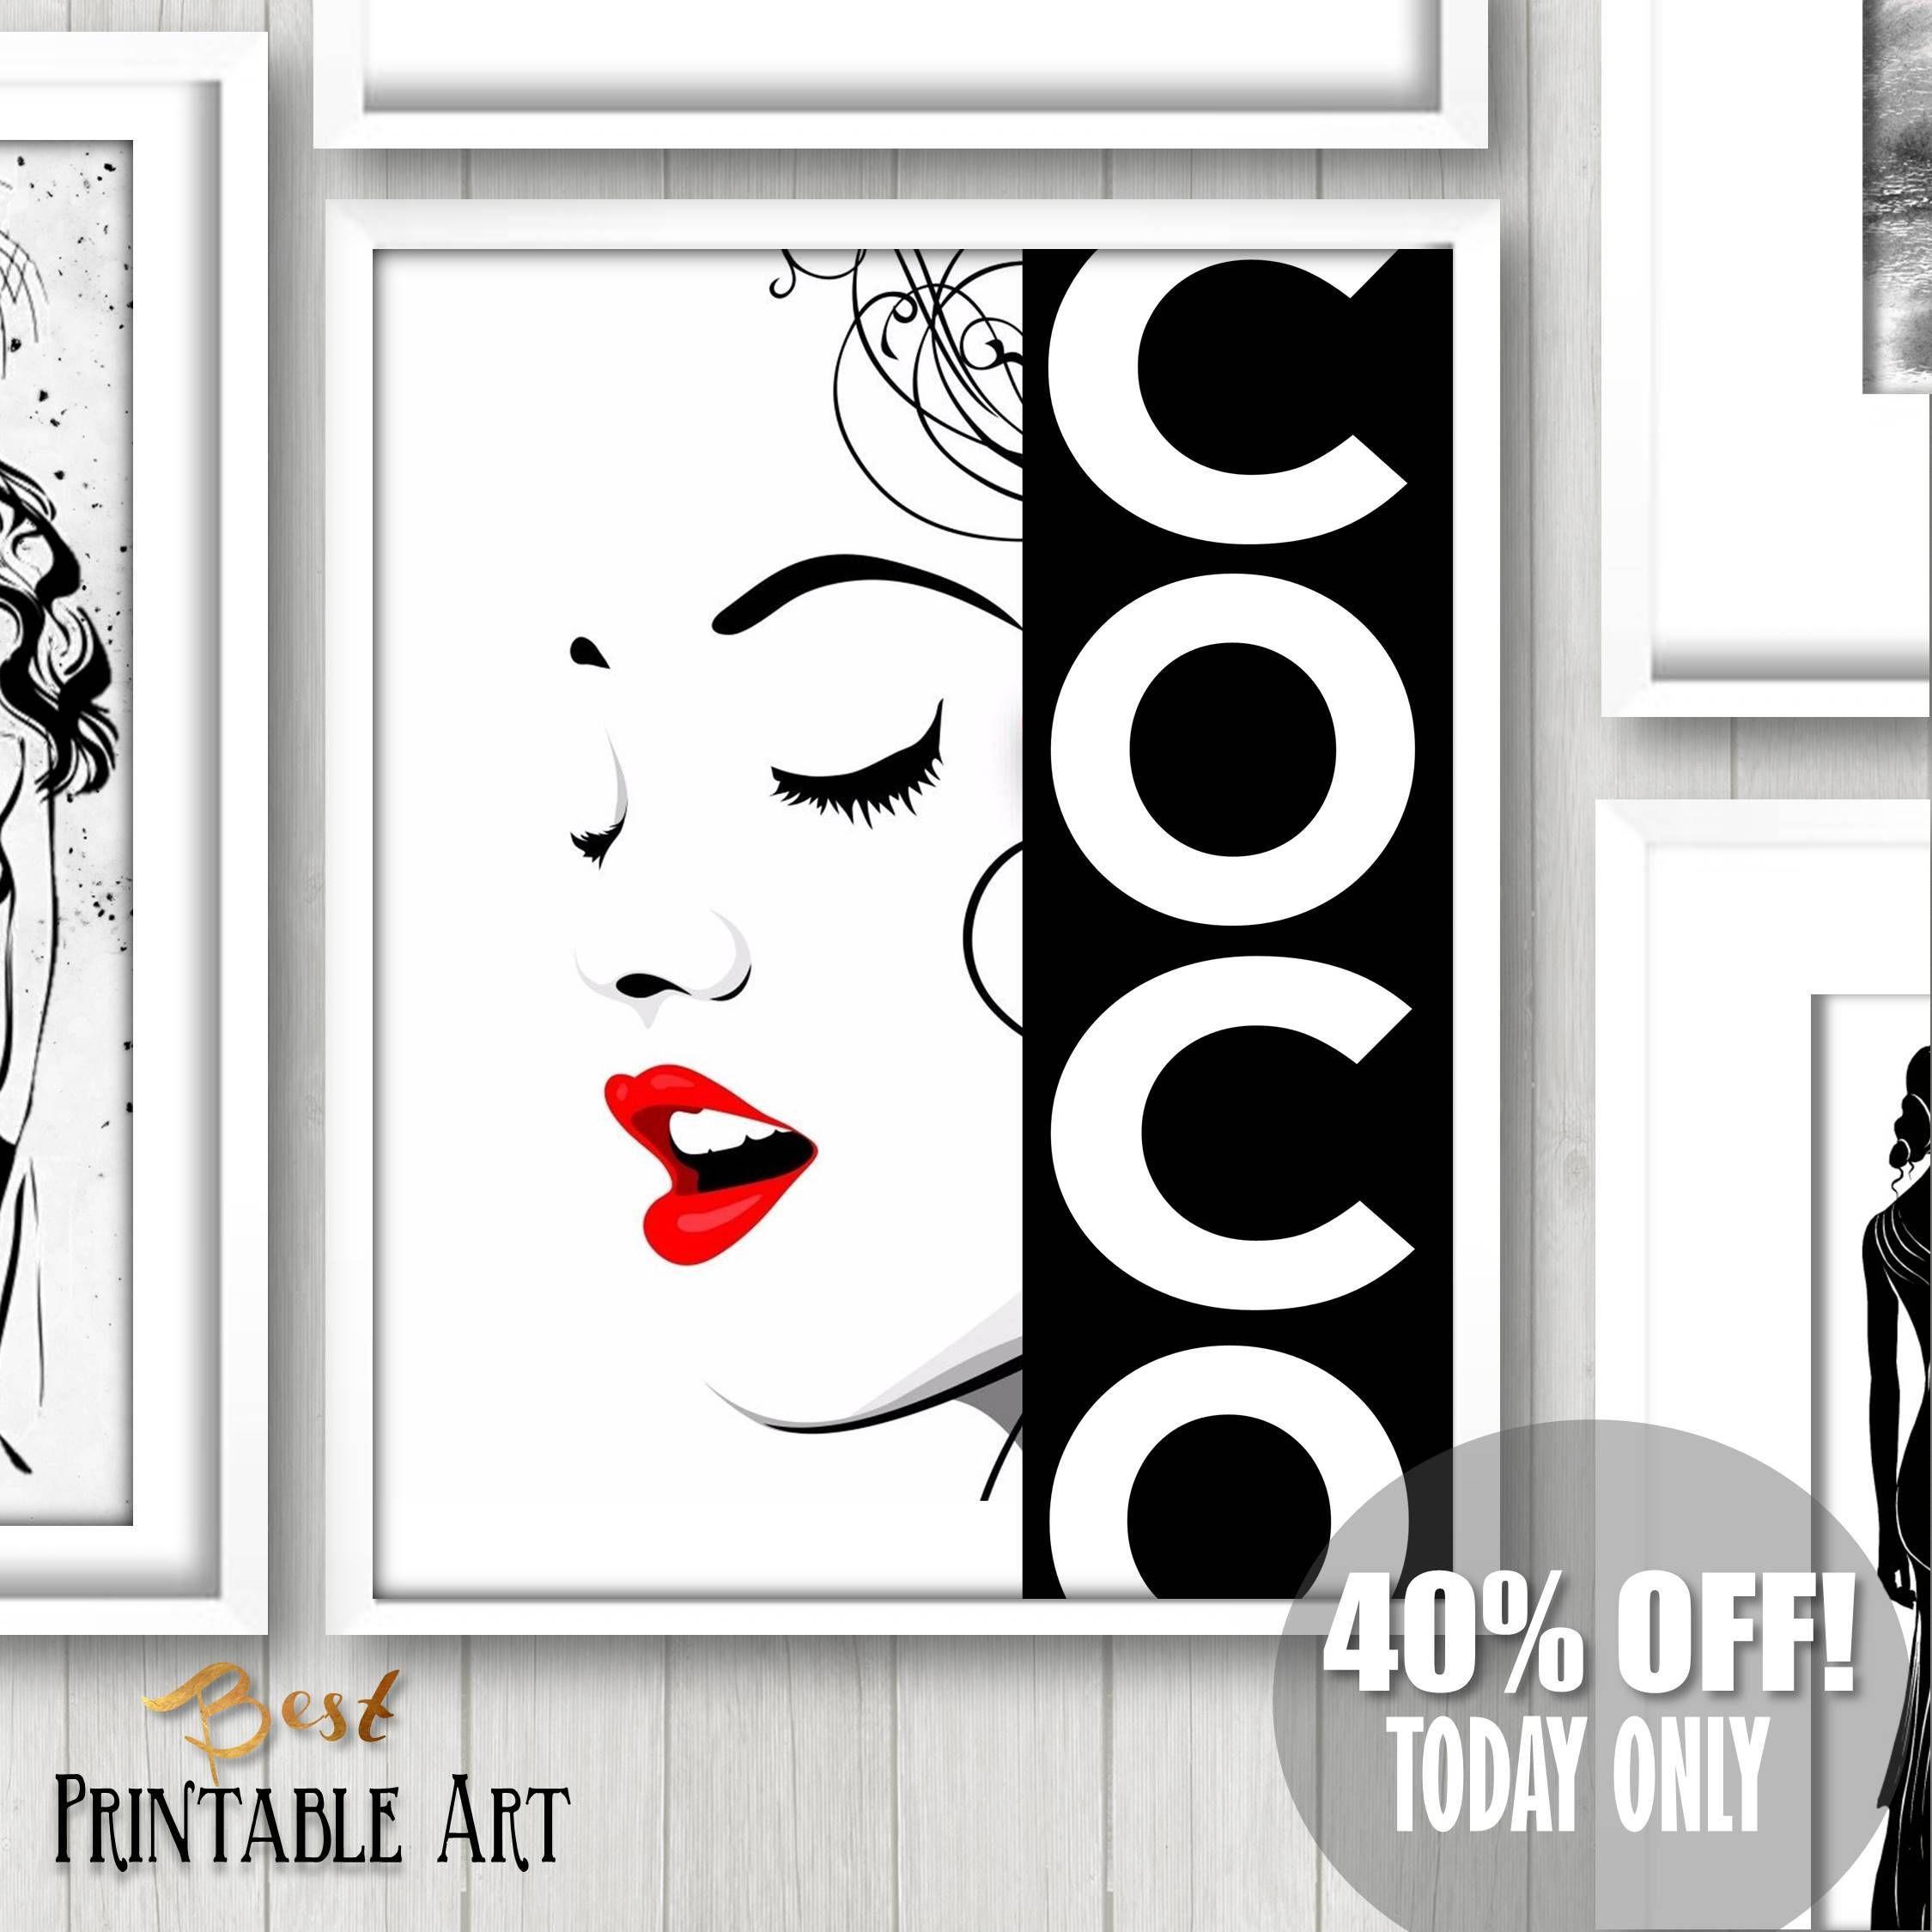 Fashion Art Decor Black And White Fashion Wall Art Fashion Etsy Printable Art Chanel Wall Art Fashion Wall Art